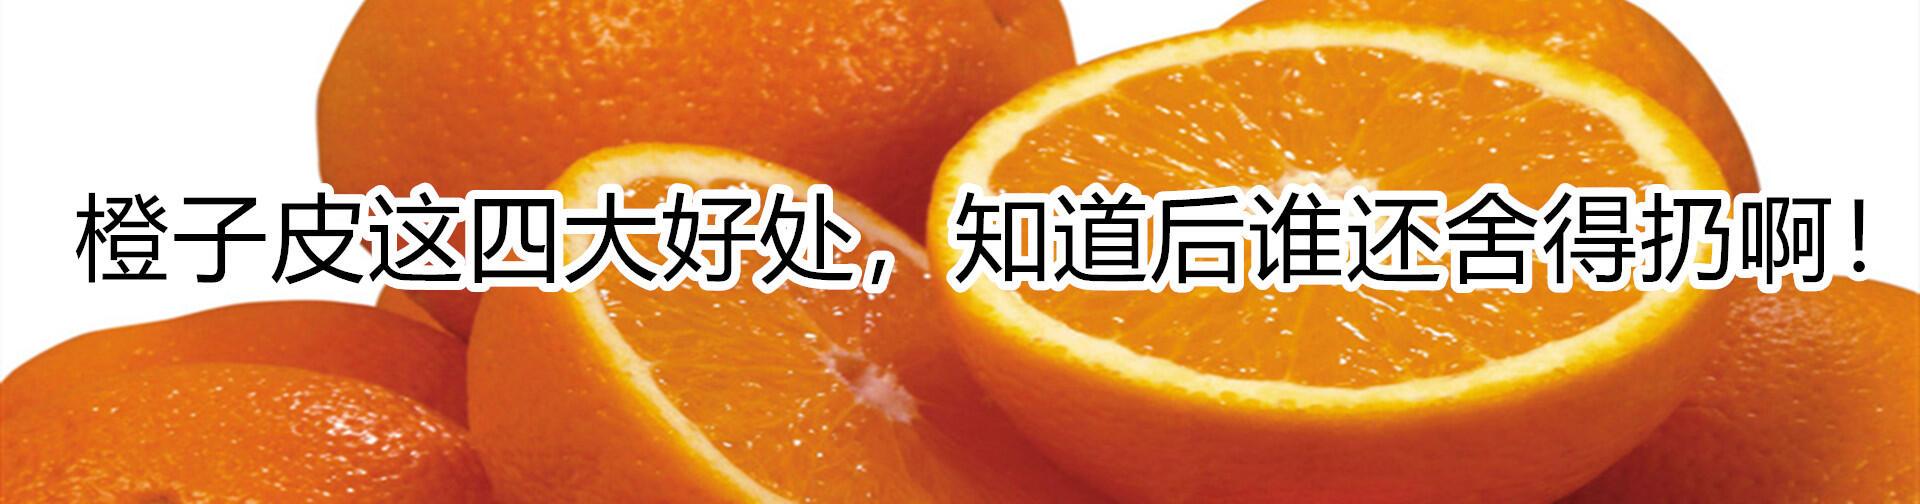 橙子皮這四大好處,知道后誰還舍得扔啊!